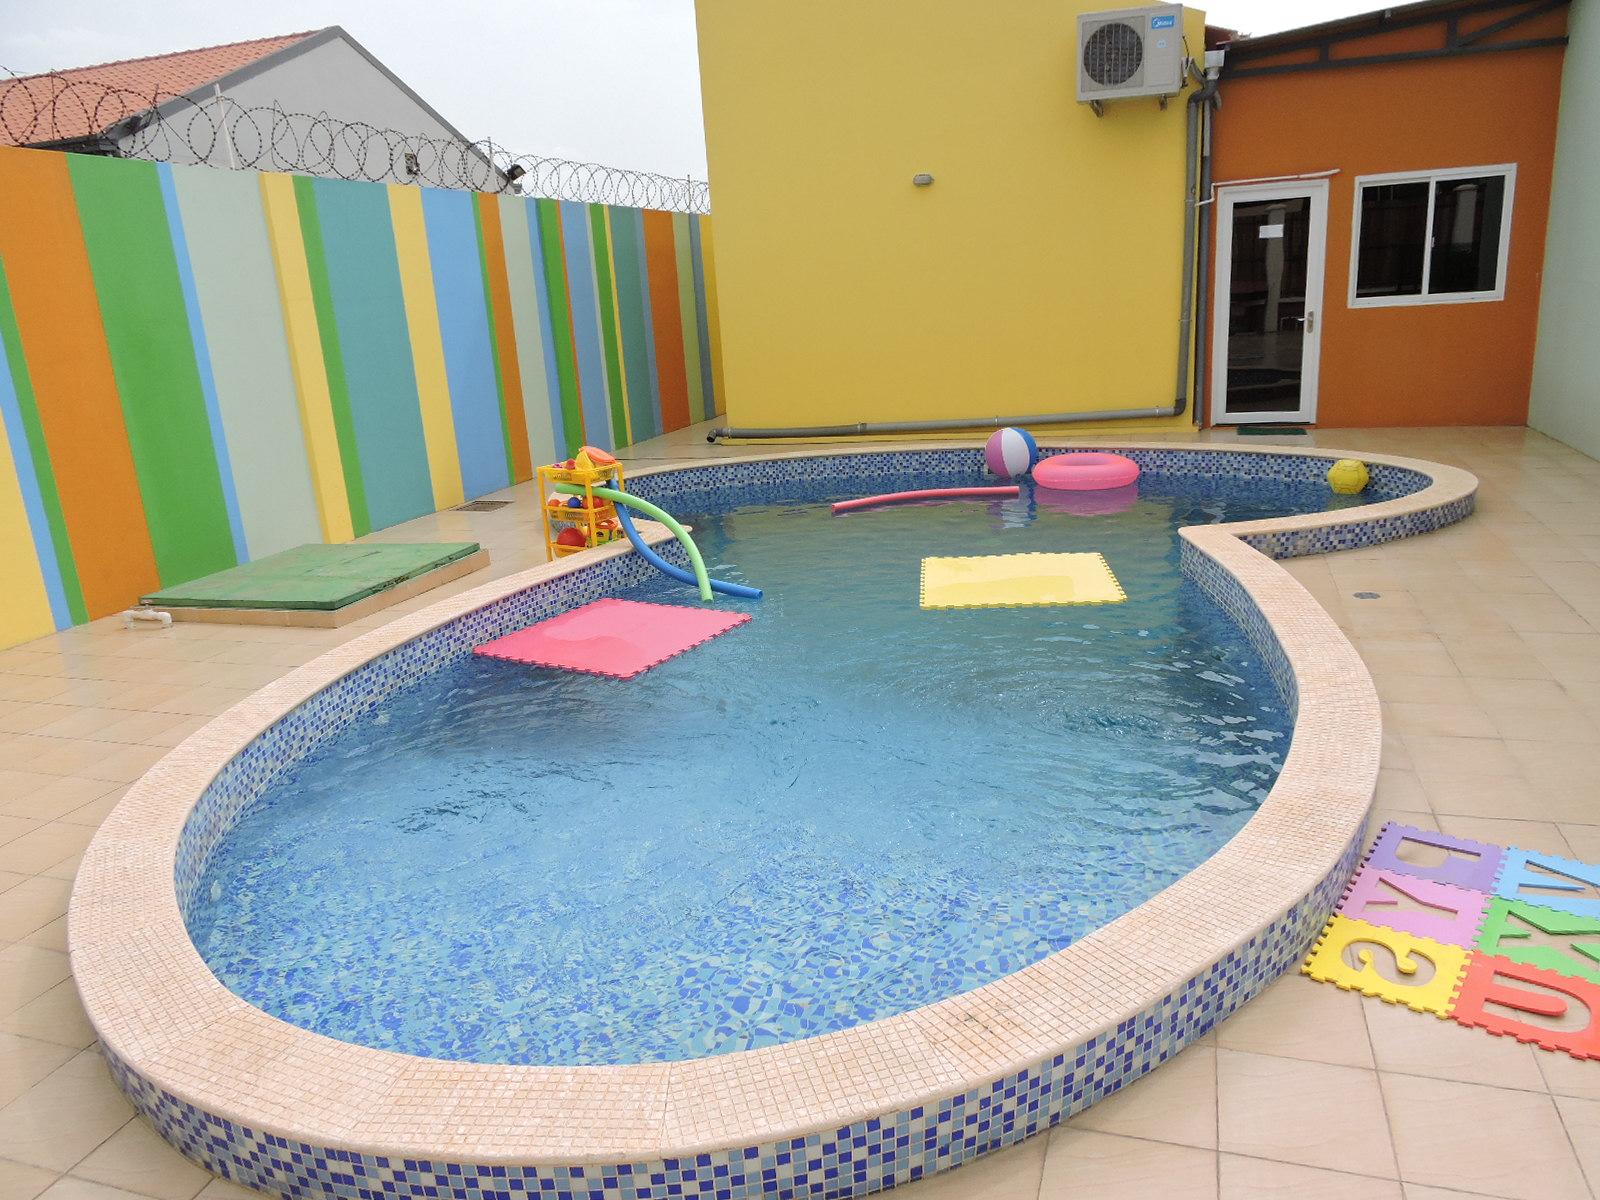 Coberturas para piscinas imanova toldos - Toldo para piscina ...